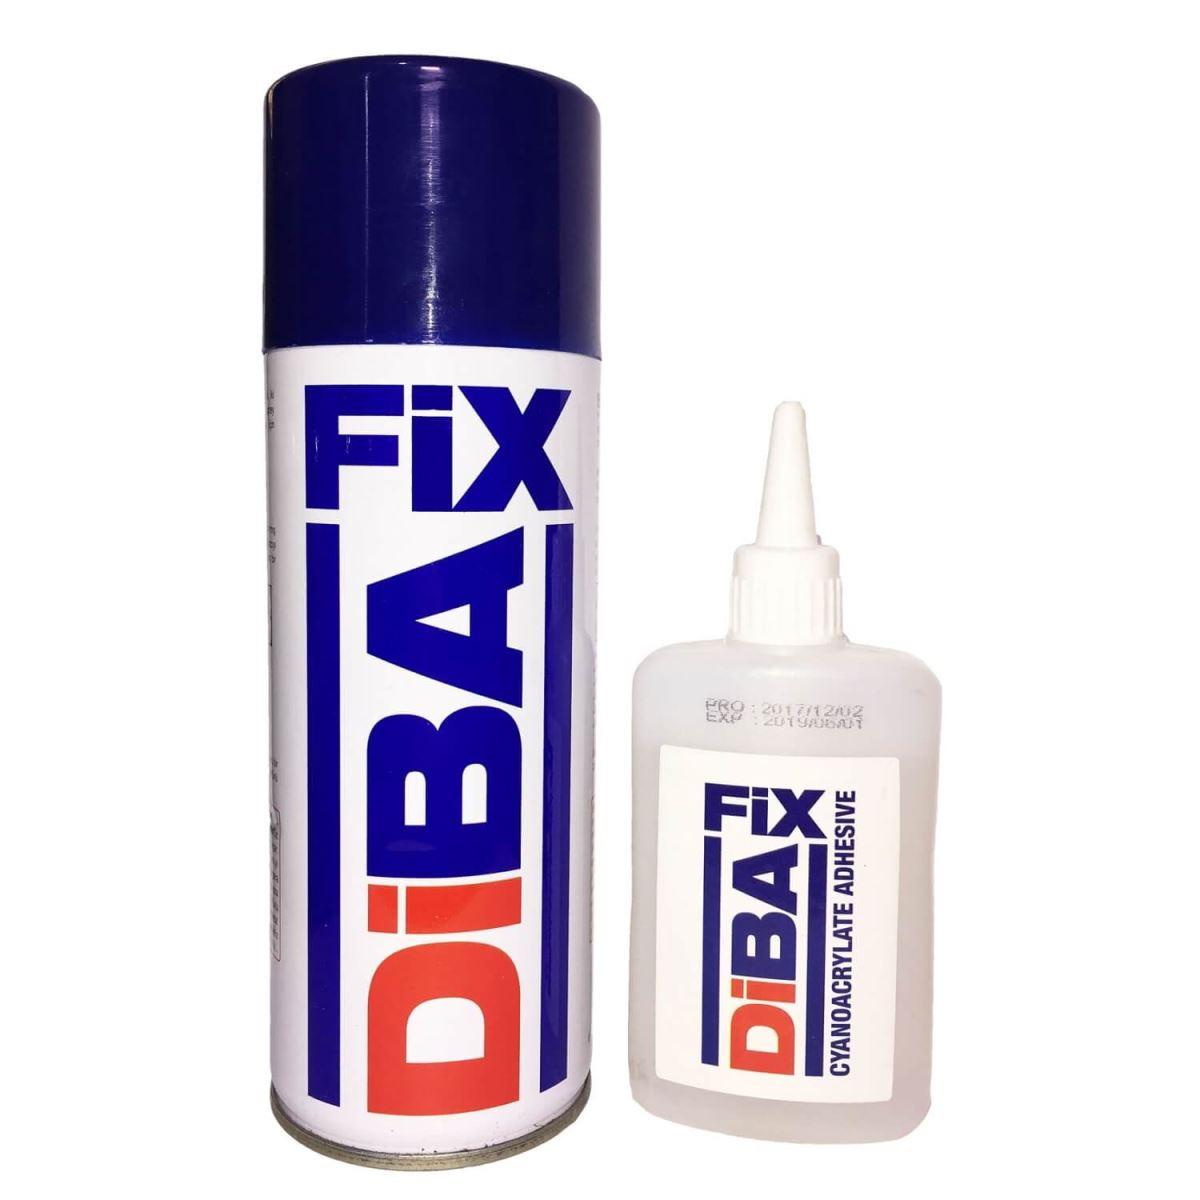 قیمت چسب یک دو سه-فروش عمده چسب 123 دیبا فیکس در ویترین نت آغاز شد-برای خرید عمده چسب 123 دیبا فیکس به سایت ویترین نت مراجعه کنید-فروش عمده چسب 123-پخش عمده چسب 123-قیمت عمده چسب 123-کاربرد چسب 123